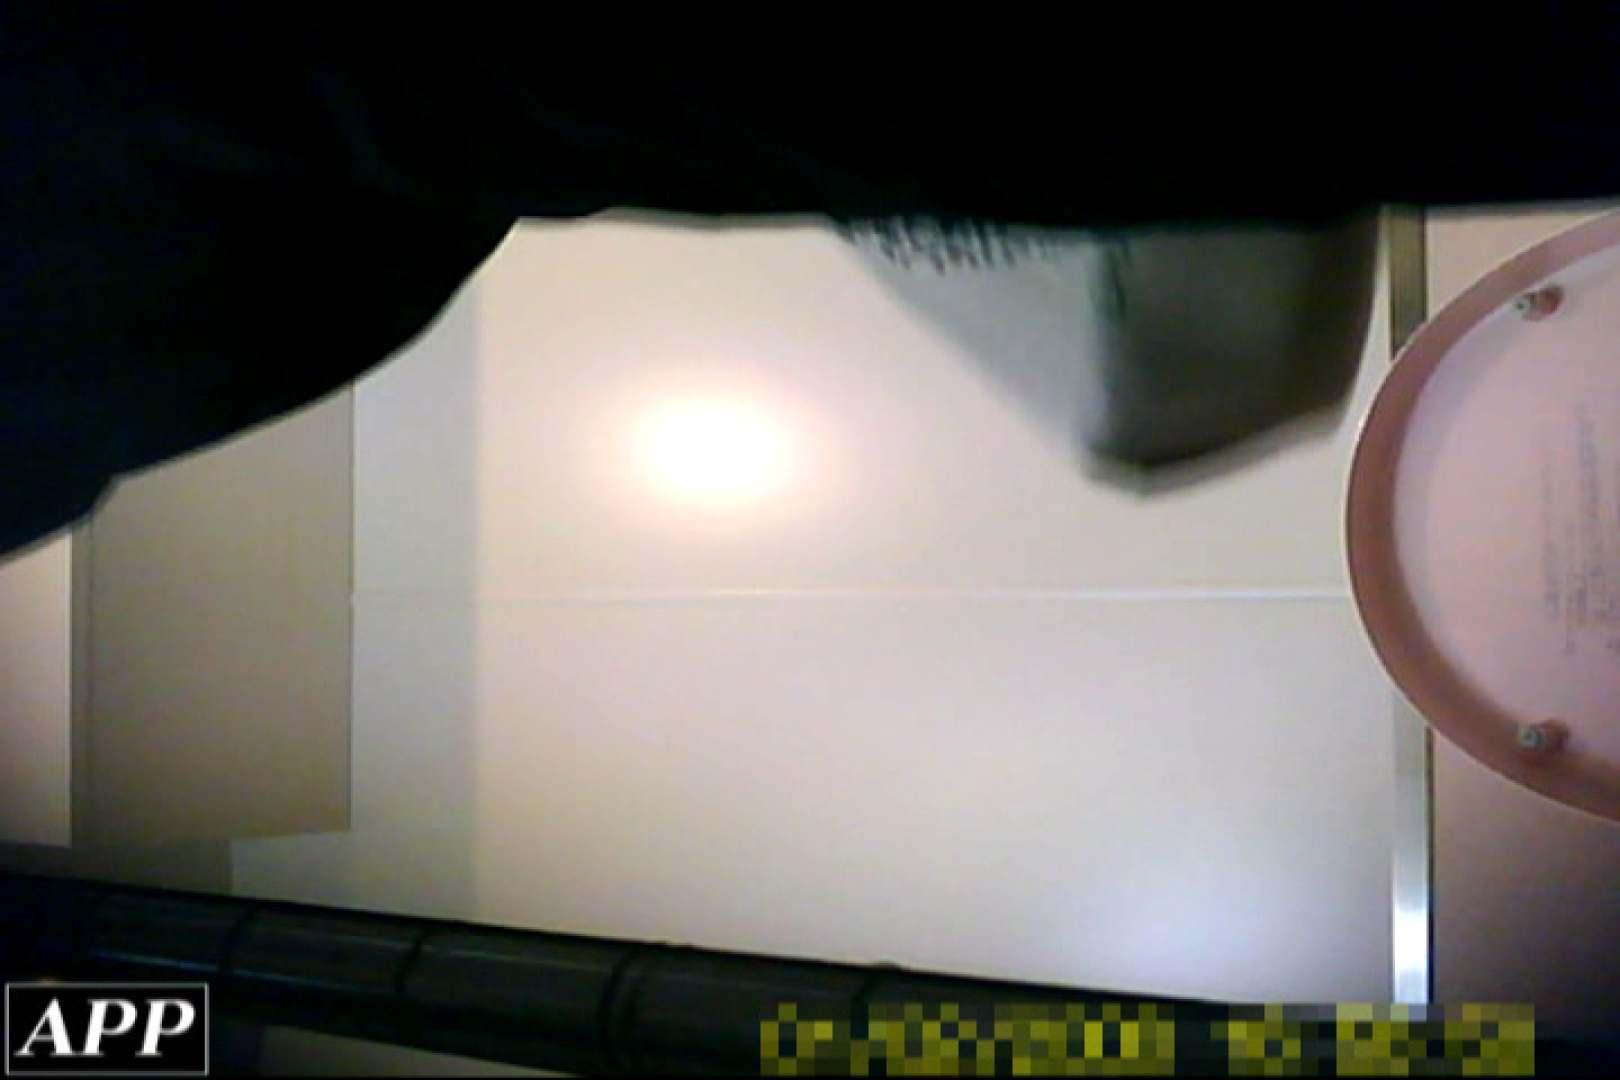 3視点洗面所 vol.97 OLの実態 盗み撮り動画キャプチャ 81pic 80